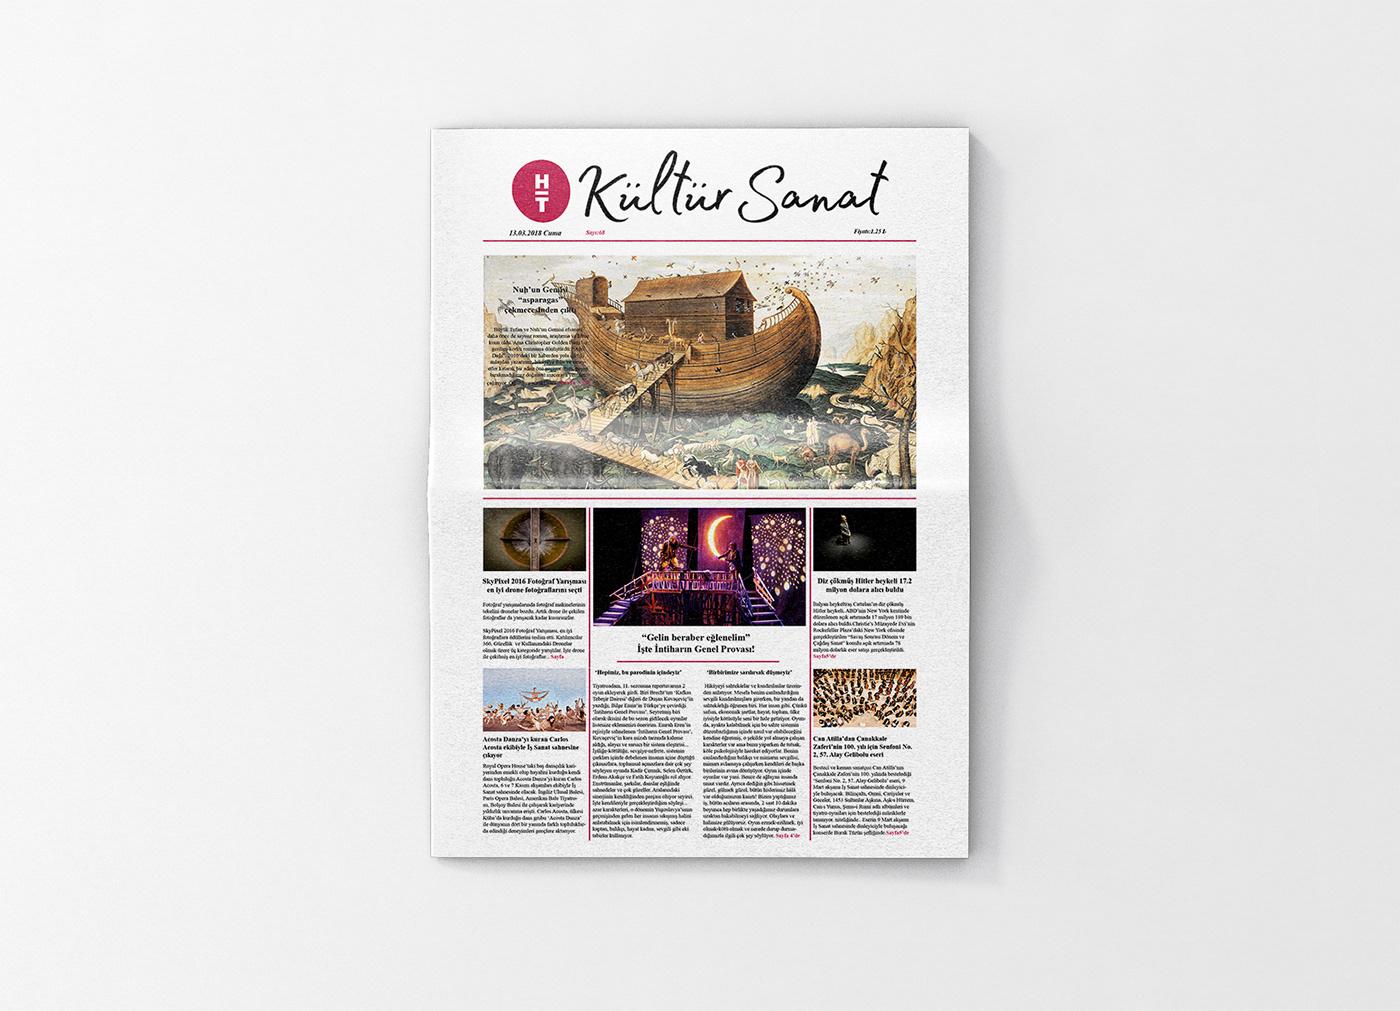 Kültür Sanat Newspaper Design